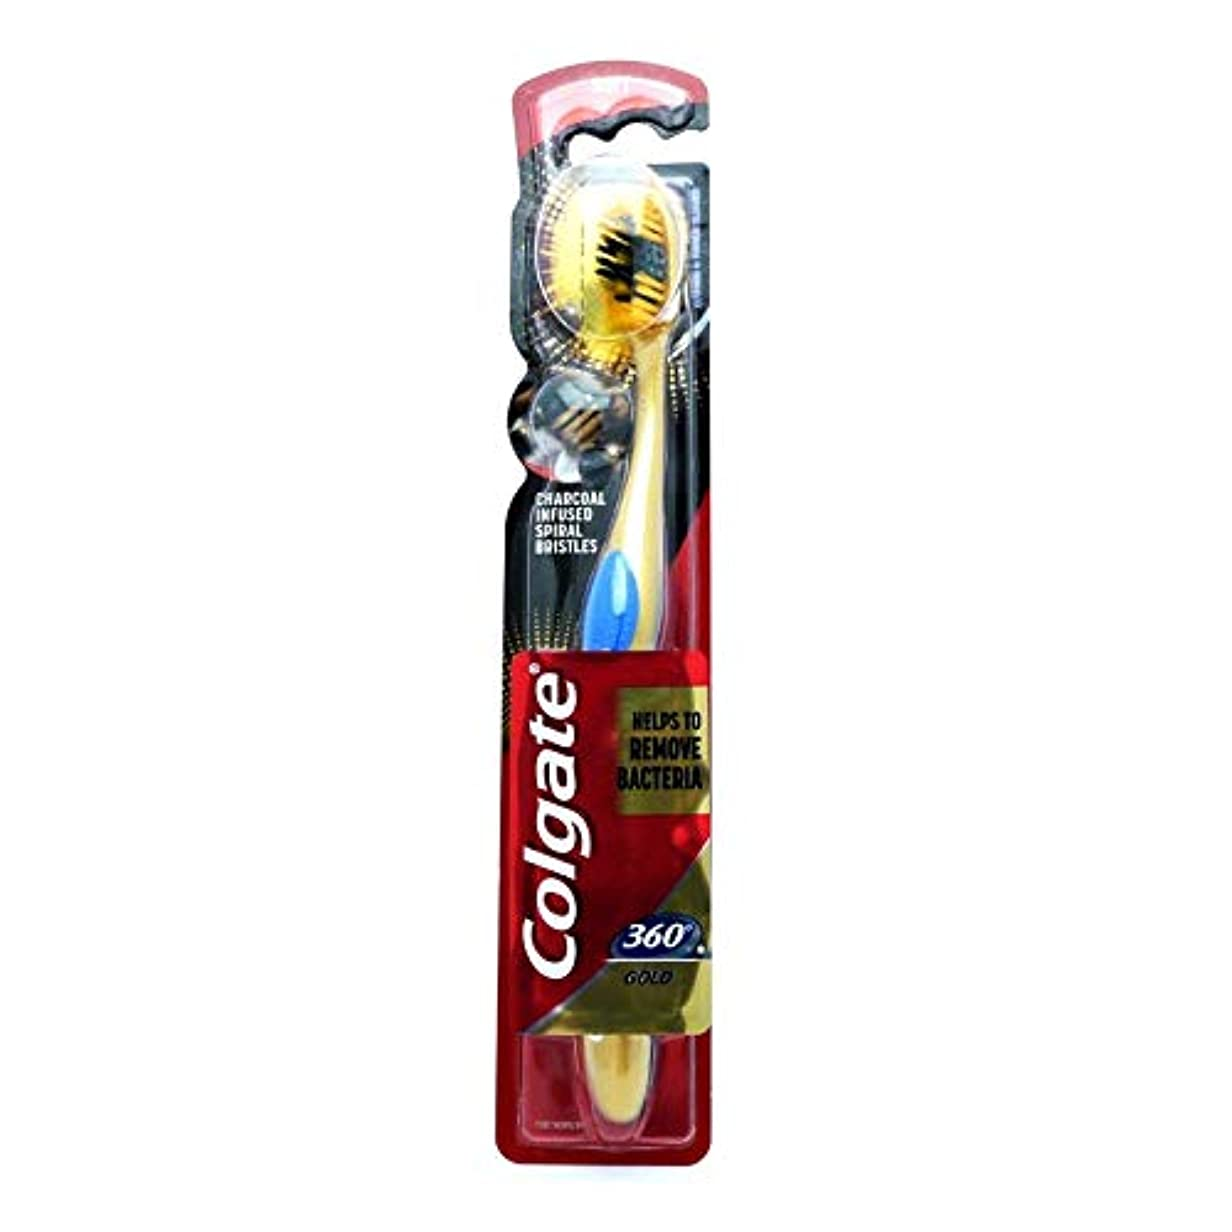 より良い鳴らす逸話Colgate Toothbrush Soft Charcoal Infused Spiral Bristles 360 GOLD Helps To Remove Bacteria